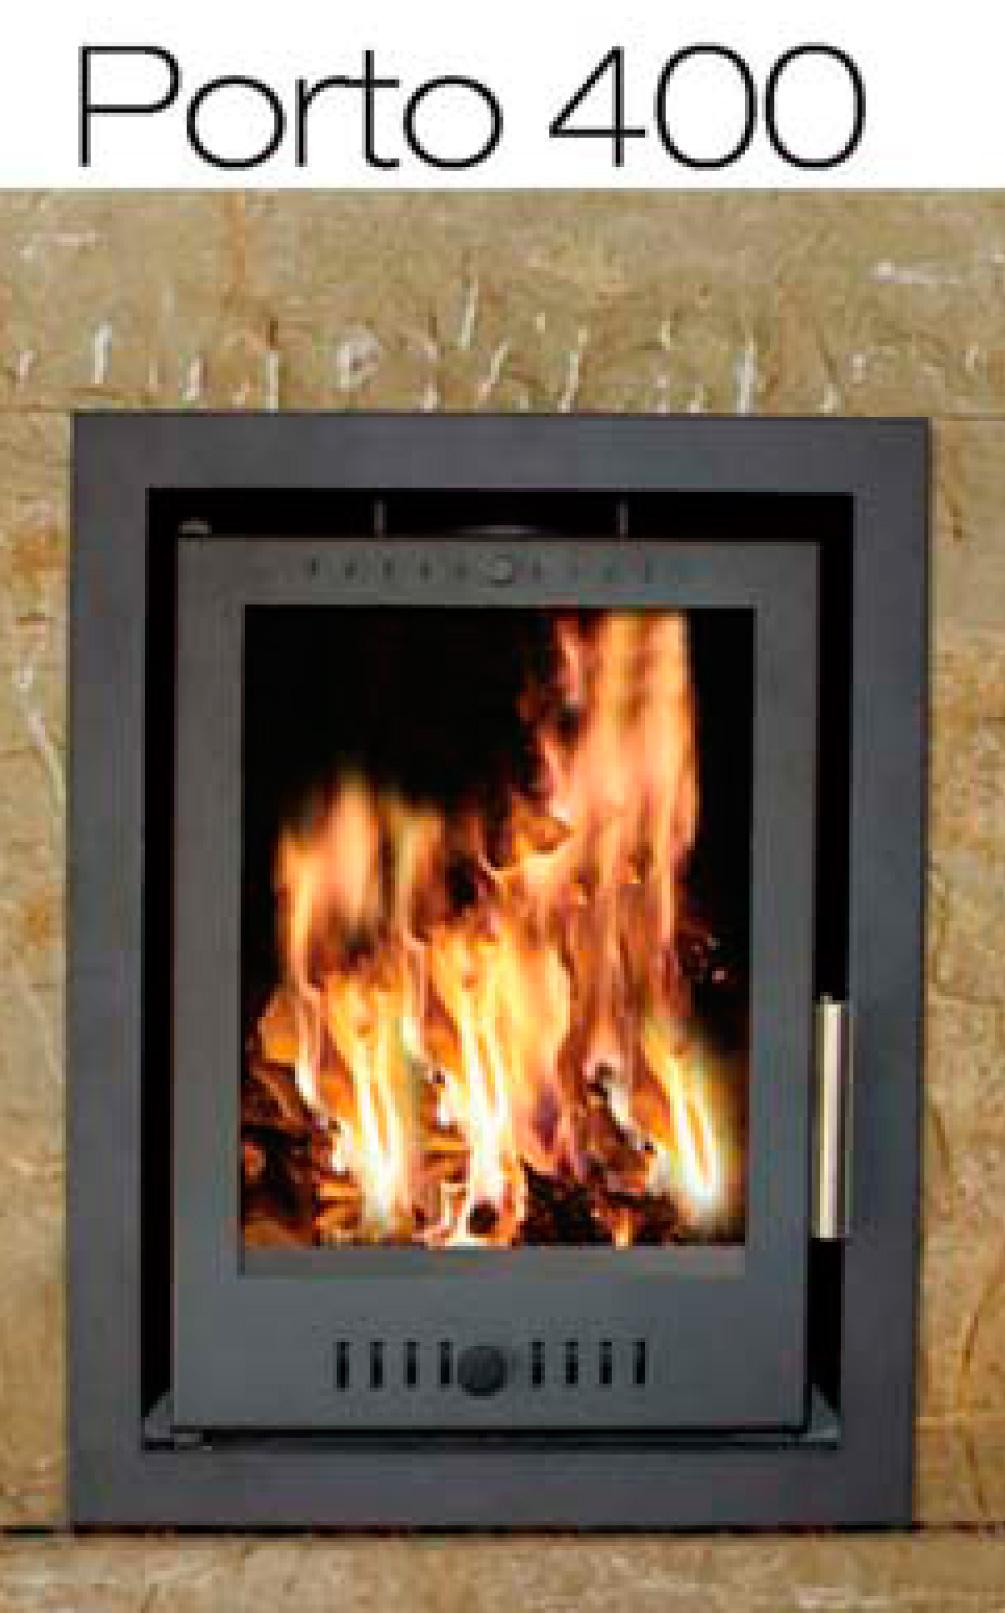 Porto 400 cassette stove image